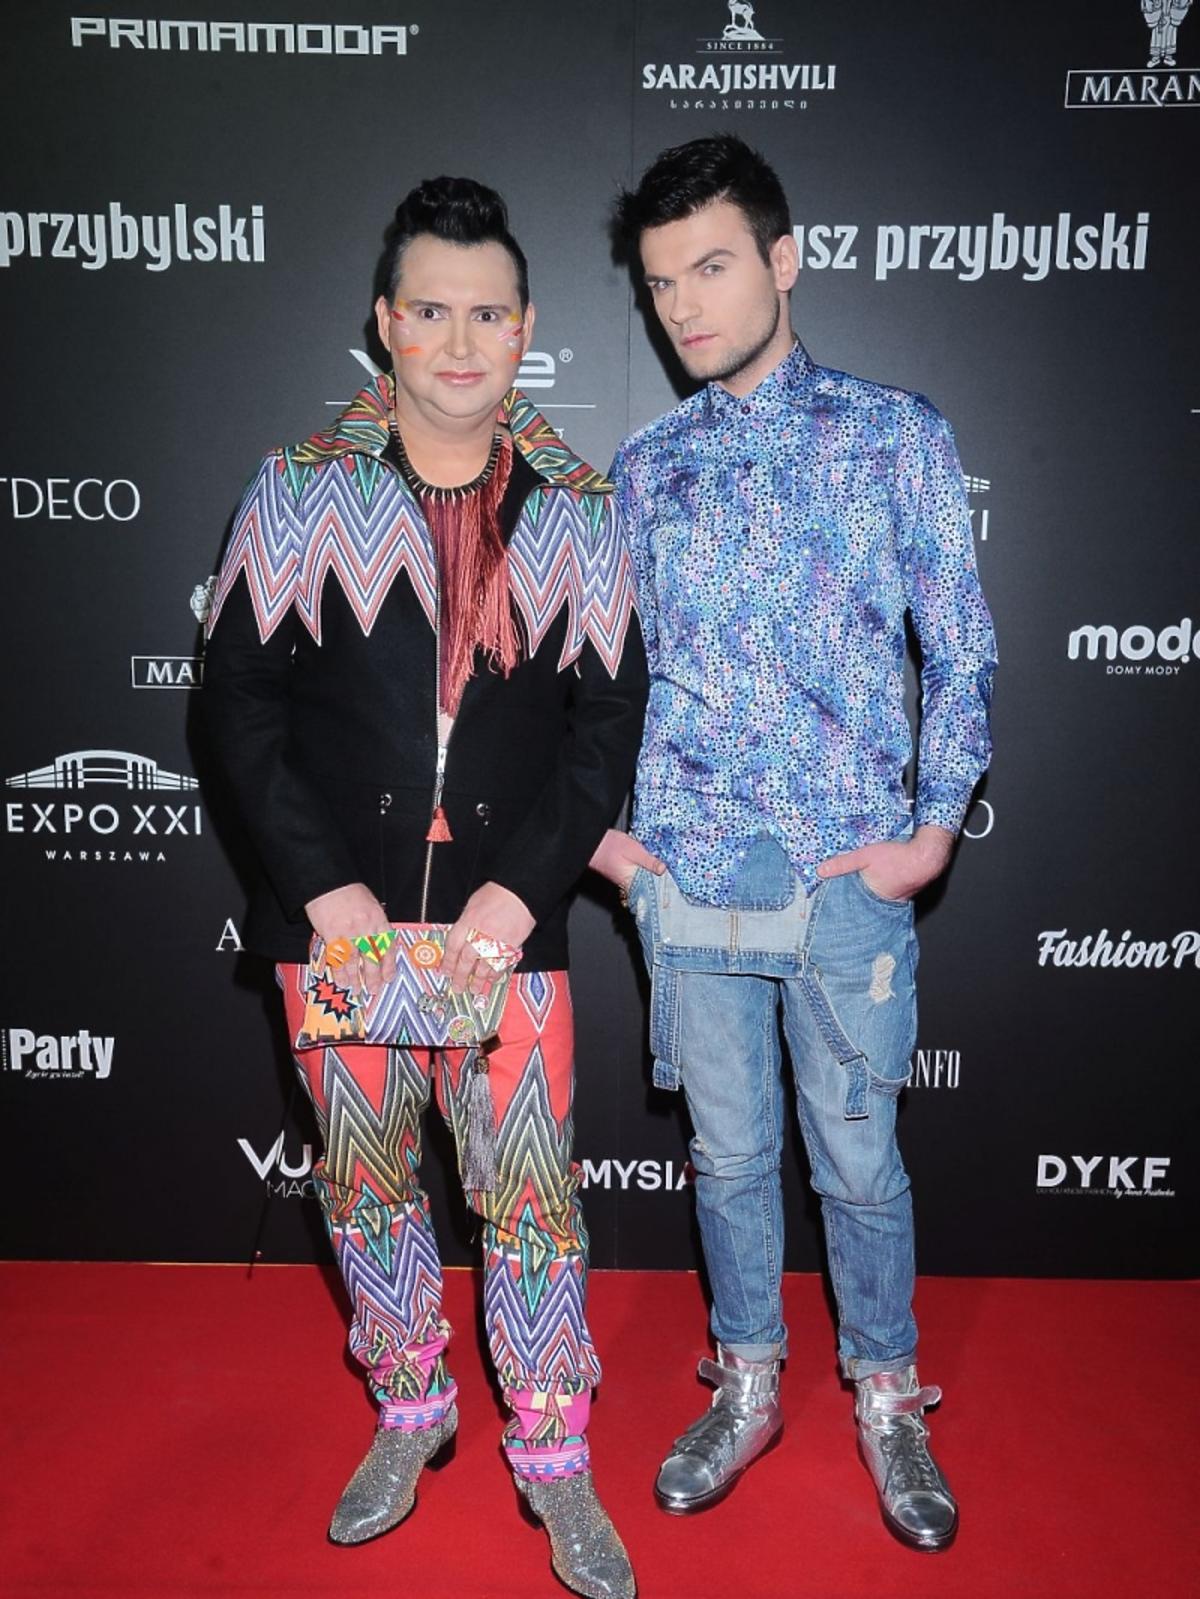 Michał Witkowski z chłopakiem na pokazie Mariusza Przybylskiego